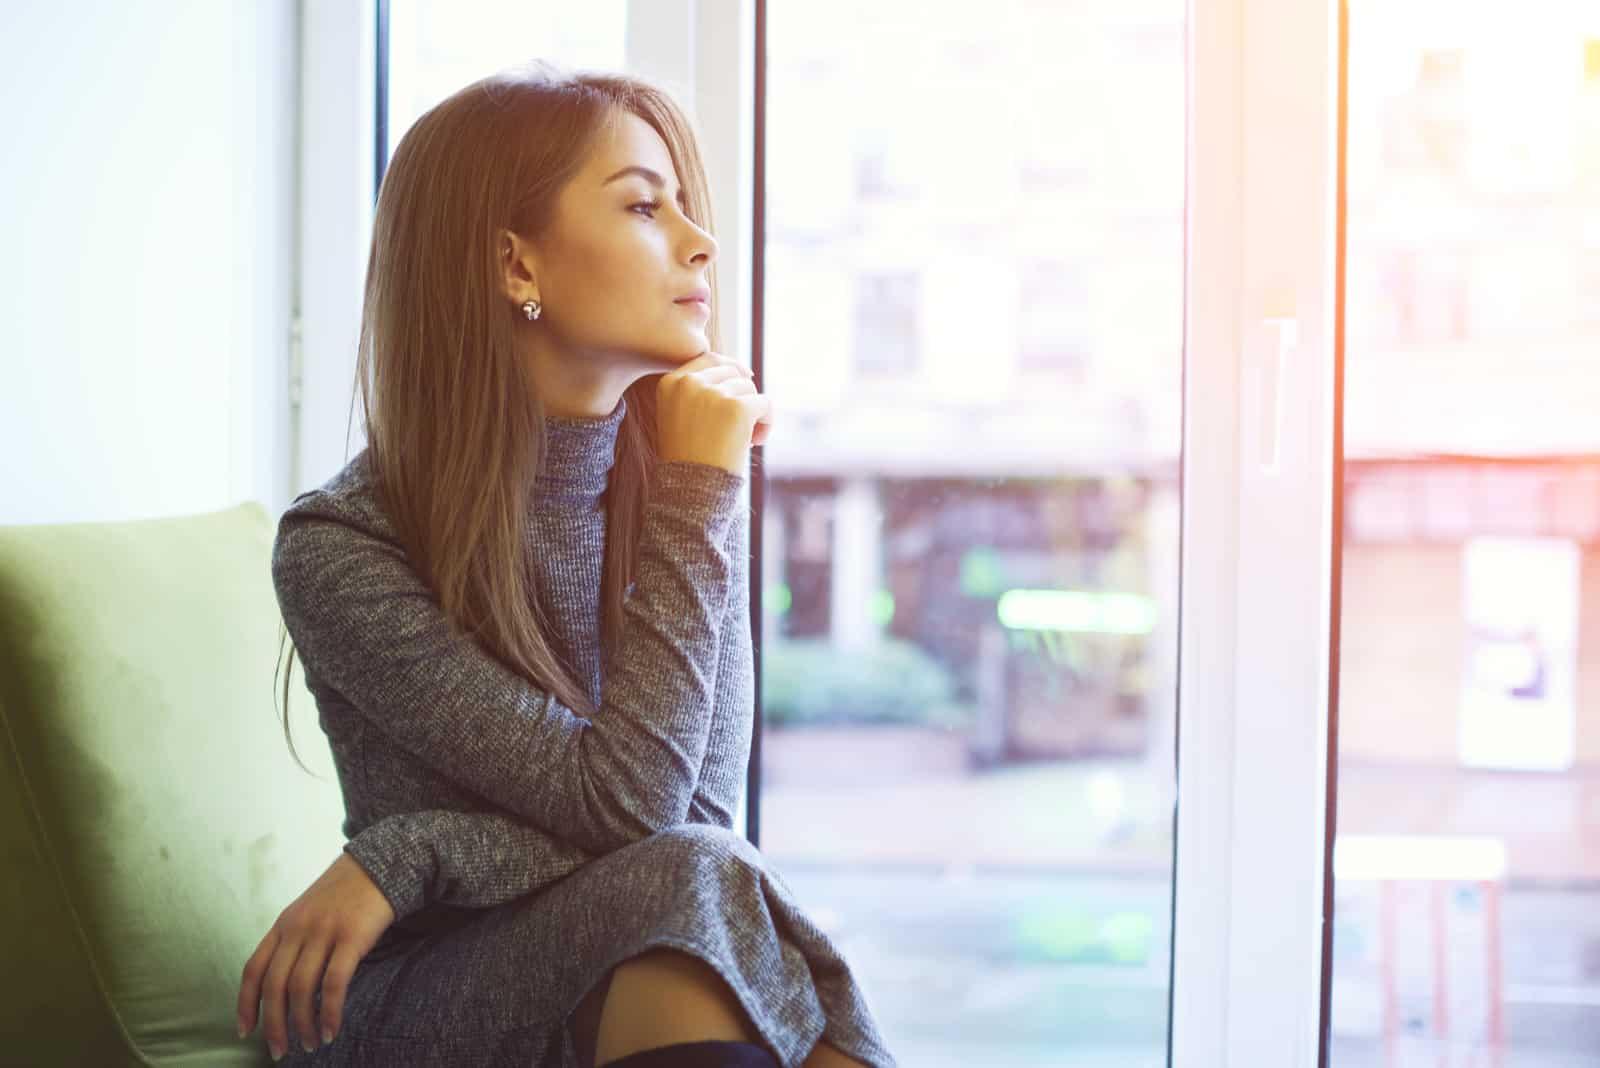 uppmärksam attraktiv välklädd kvinna